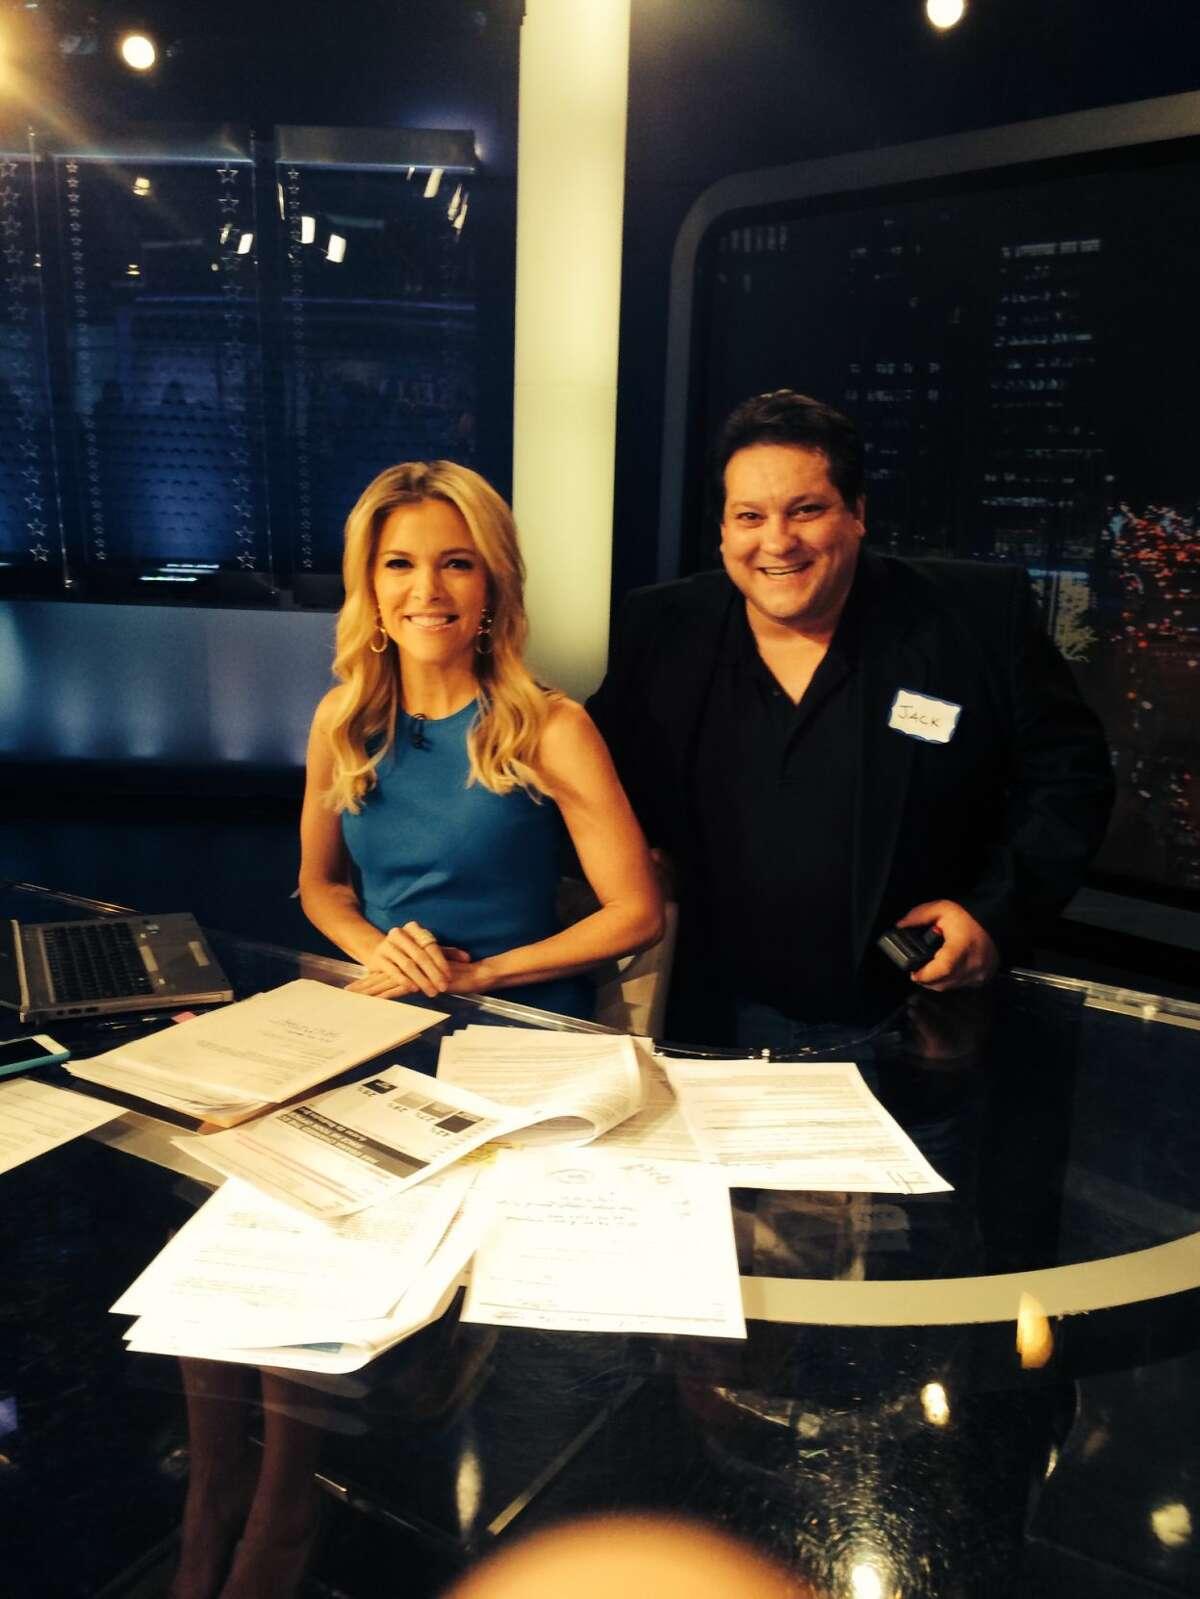 Norwalk School Board member Jack Chiramonte onFox News with Megyn Kelly.